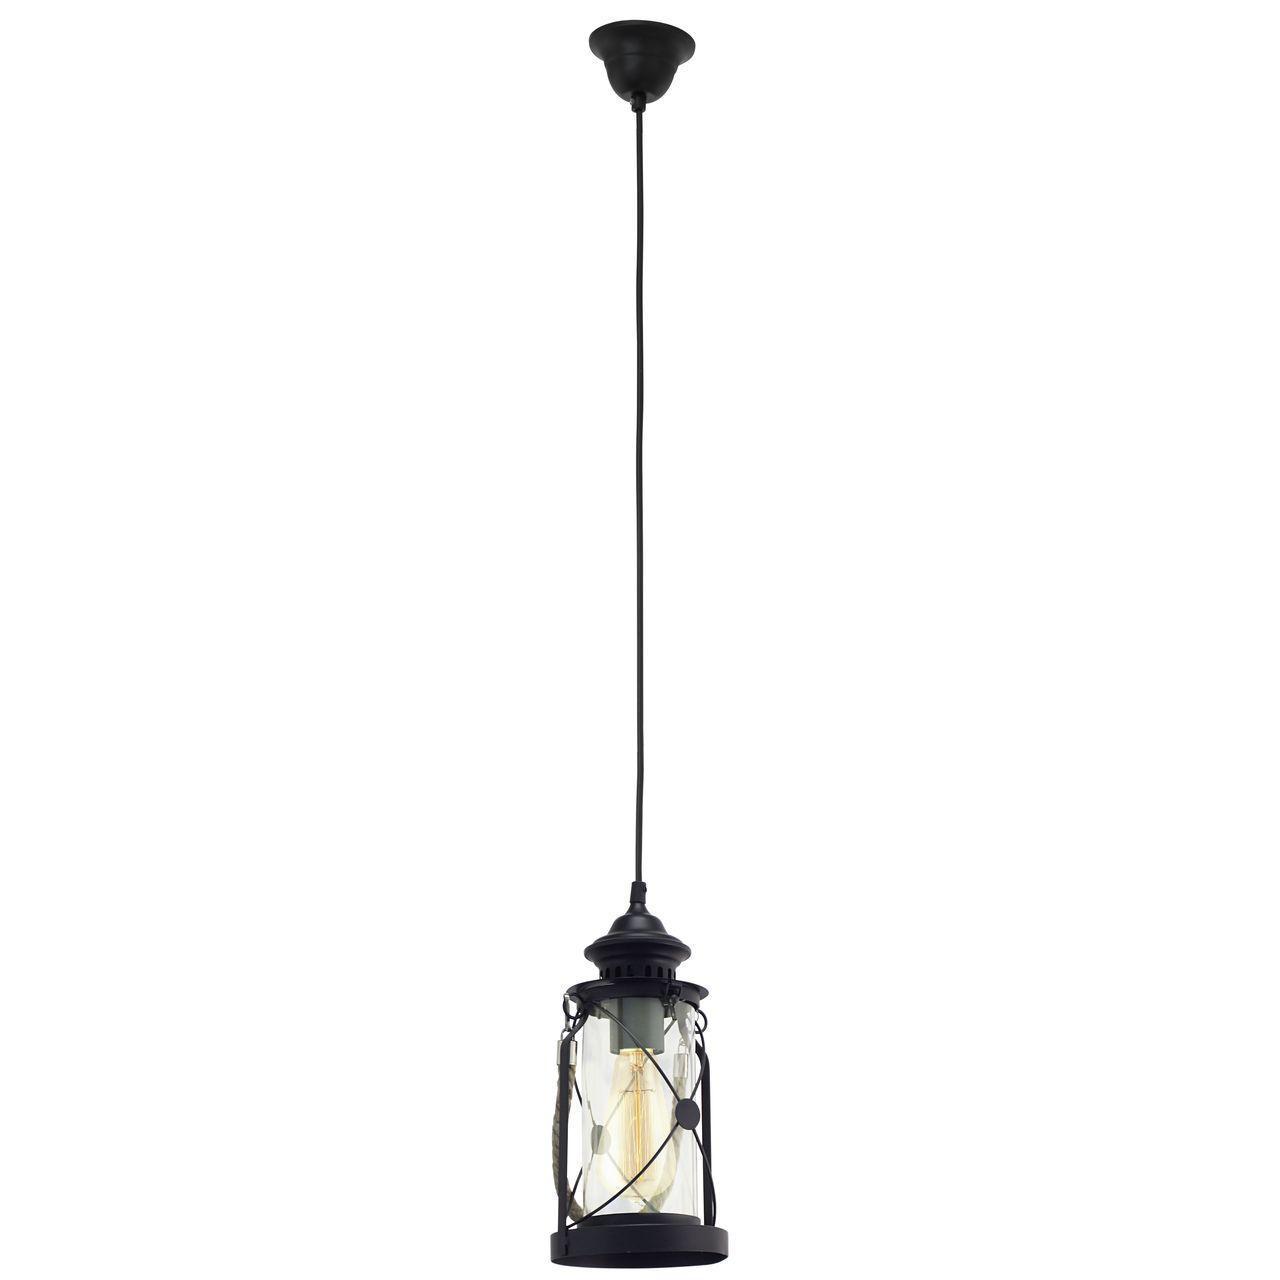 Подвесной светильник Eglo Vintage 49213 подвесной светильник eglo vintage 49214